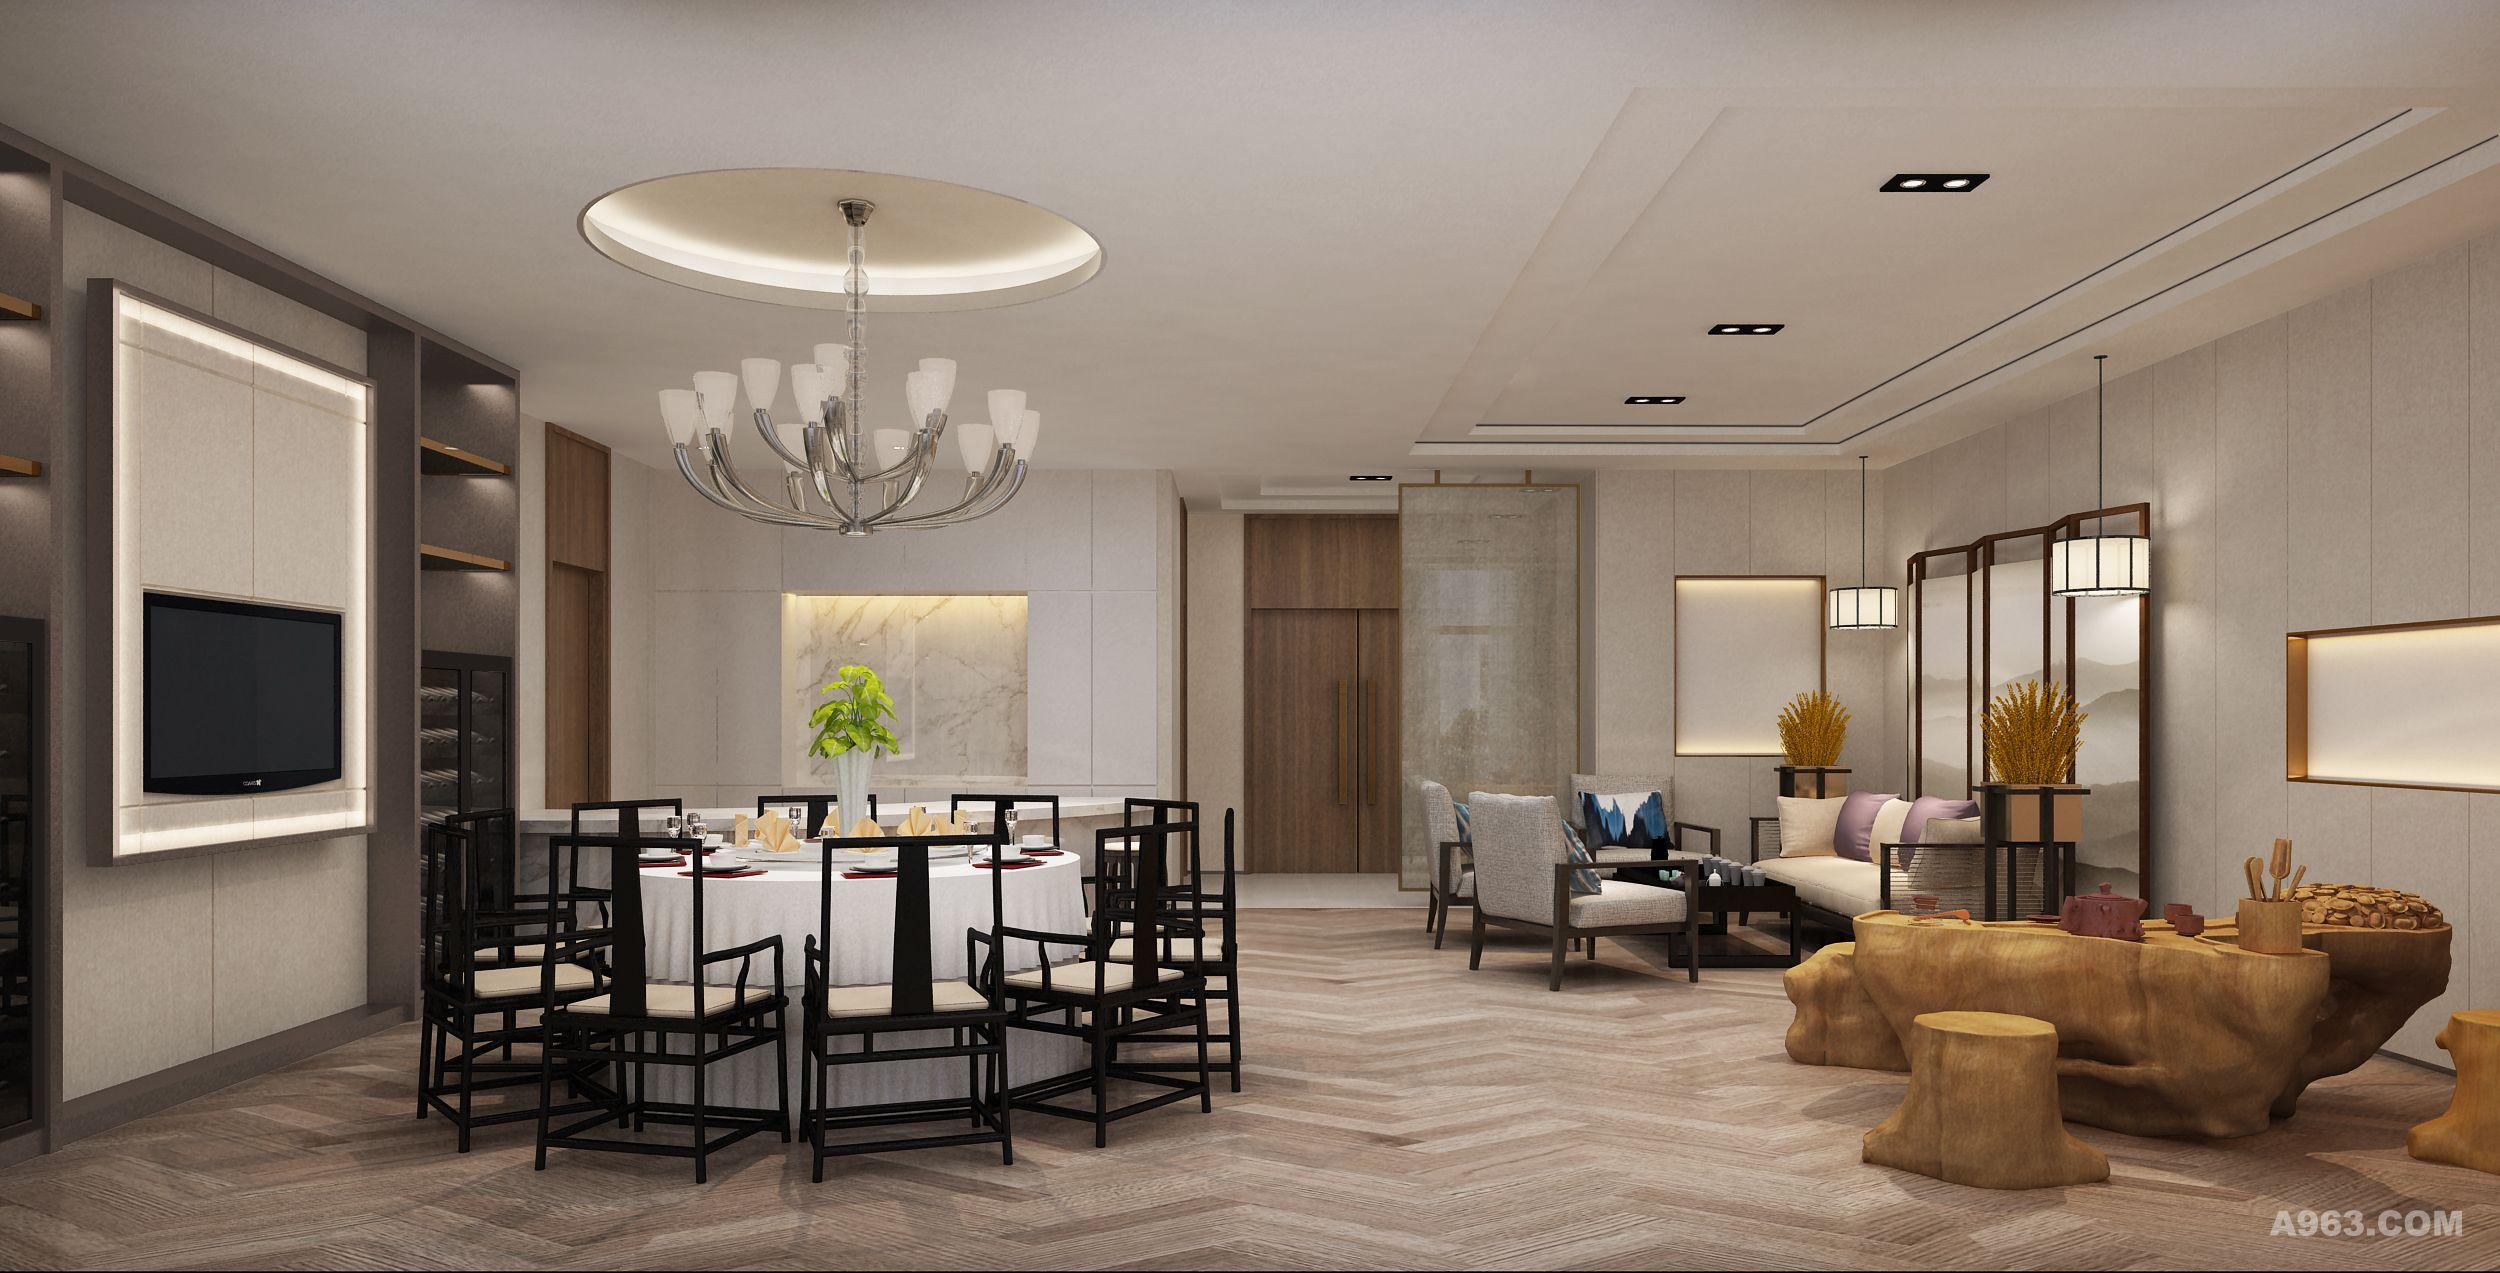 设计师借用部分室外闲置空间,设置圆形核心筒,联通两条主干道,形成